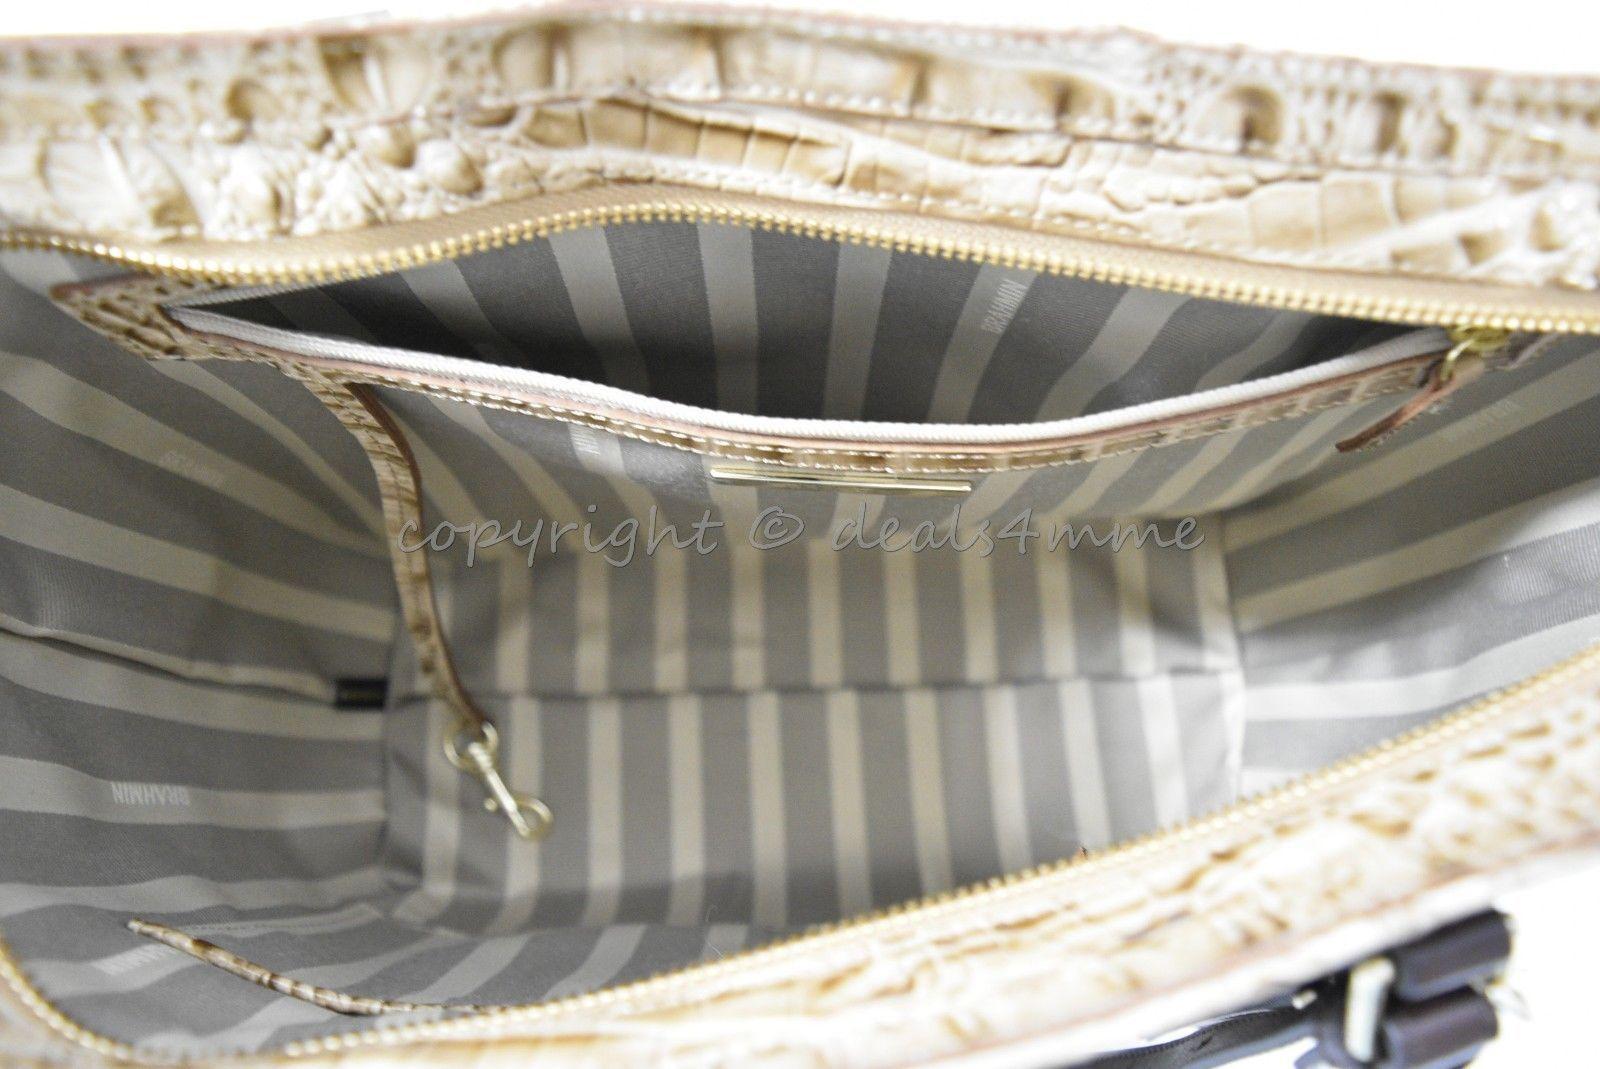 NWT  Brahmin Medium Lena Leather Tote/Shoulder Bag in Travertine Vermeer image 5